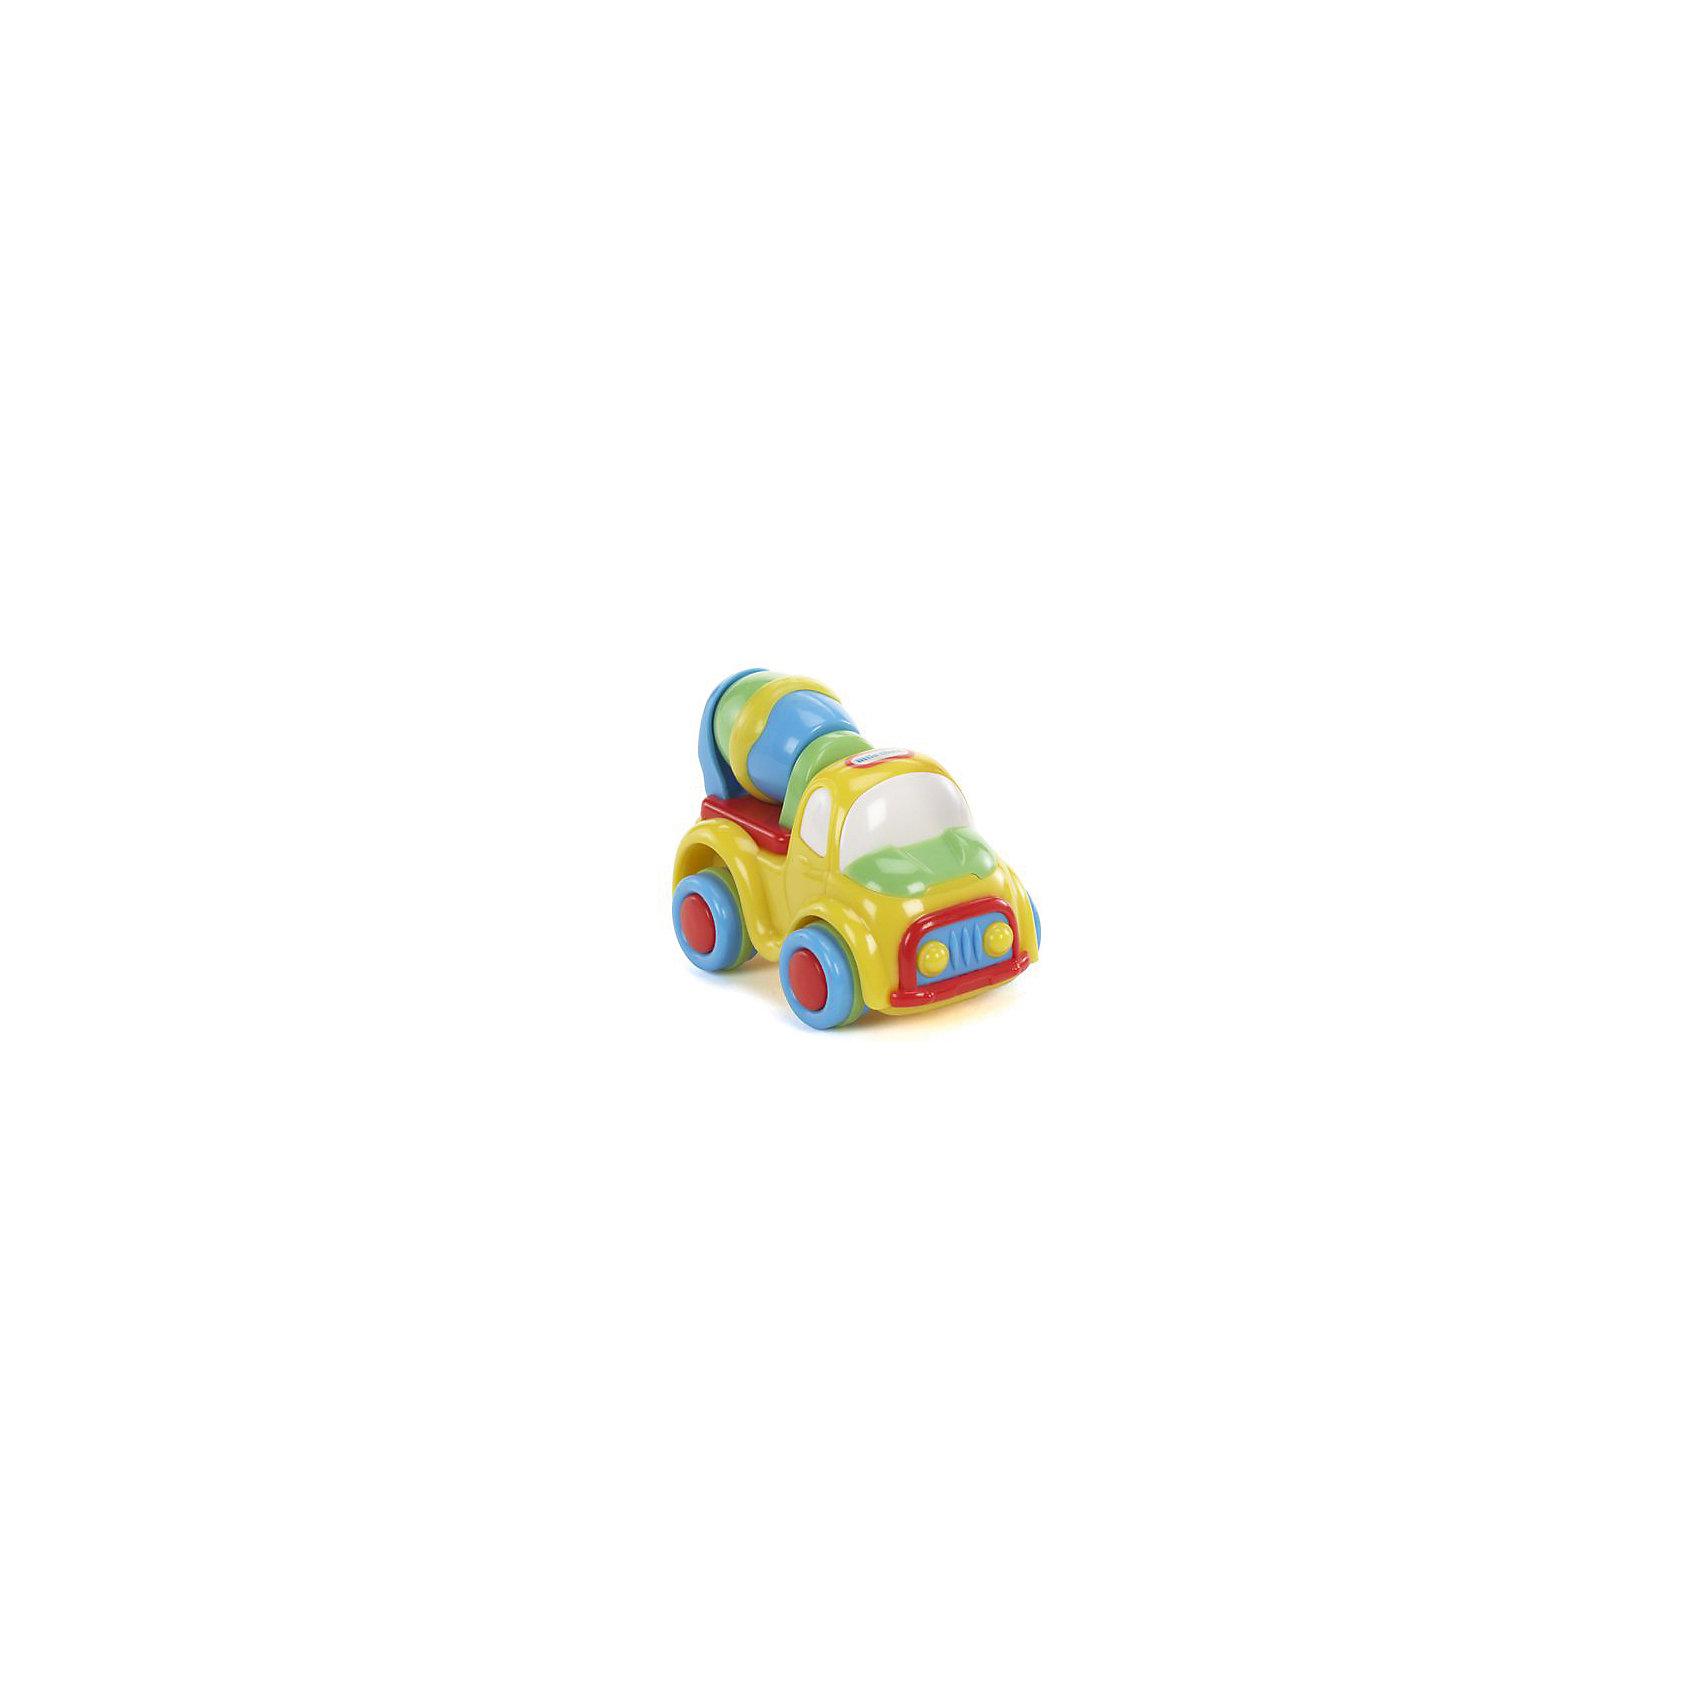 Бетономешалка, Little TikesМашинки<br>Характеристики товара:<br><br>• материал: пластик<br>• безопасные краски<br>• вес: 100 г<br>• размер упаковки: 7х9х6 см<br>• качественное исполнение<br>• подвижные детали<br>• яркие цвета<br>• возраст: от 1 года<br>• страна производства: Китай<br><br>Эта яркая игрушка станет отличным подарком для маленького любителя машинок. Она отлично проработана, имеет подвижные детали. Игрушка станет желанным подарком для мальчишек! благодаря компактному размеру её удобно брать с собой.<br><br>Бетономешалку от бренда Little Tikes можно купить в нашем интернет-магазине.<br><br>Ширина мм: 65<br>Глубина мм: 85<br>Высота мм: 60<br>Вес г: 118<br>Возраст от месяцев: 12<br>Возраст до месяцев: 36<br>Пол: Мужской<br>Возраст: Детский<br>SKU: 5471893